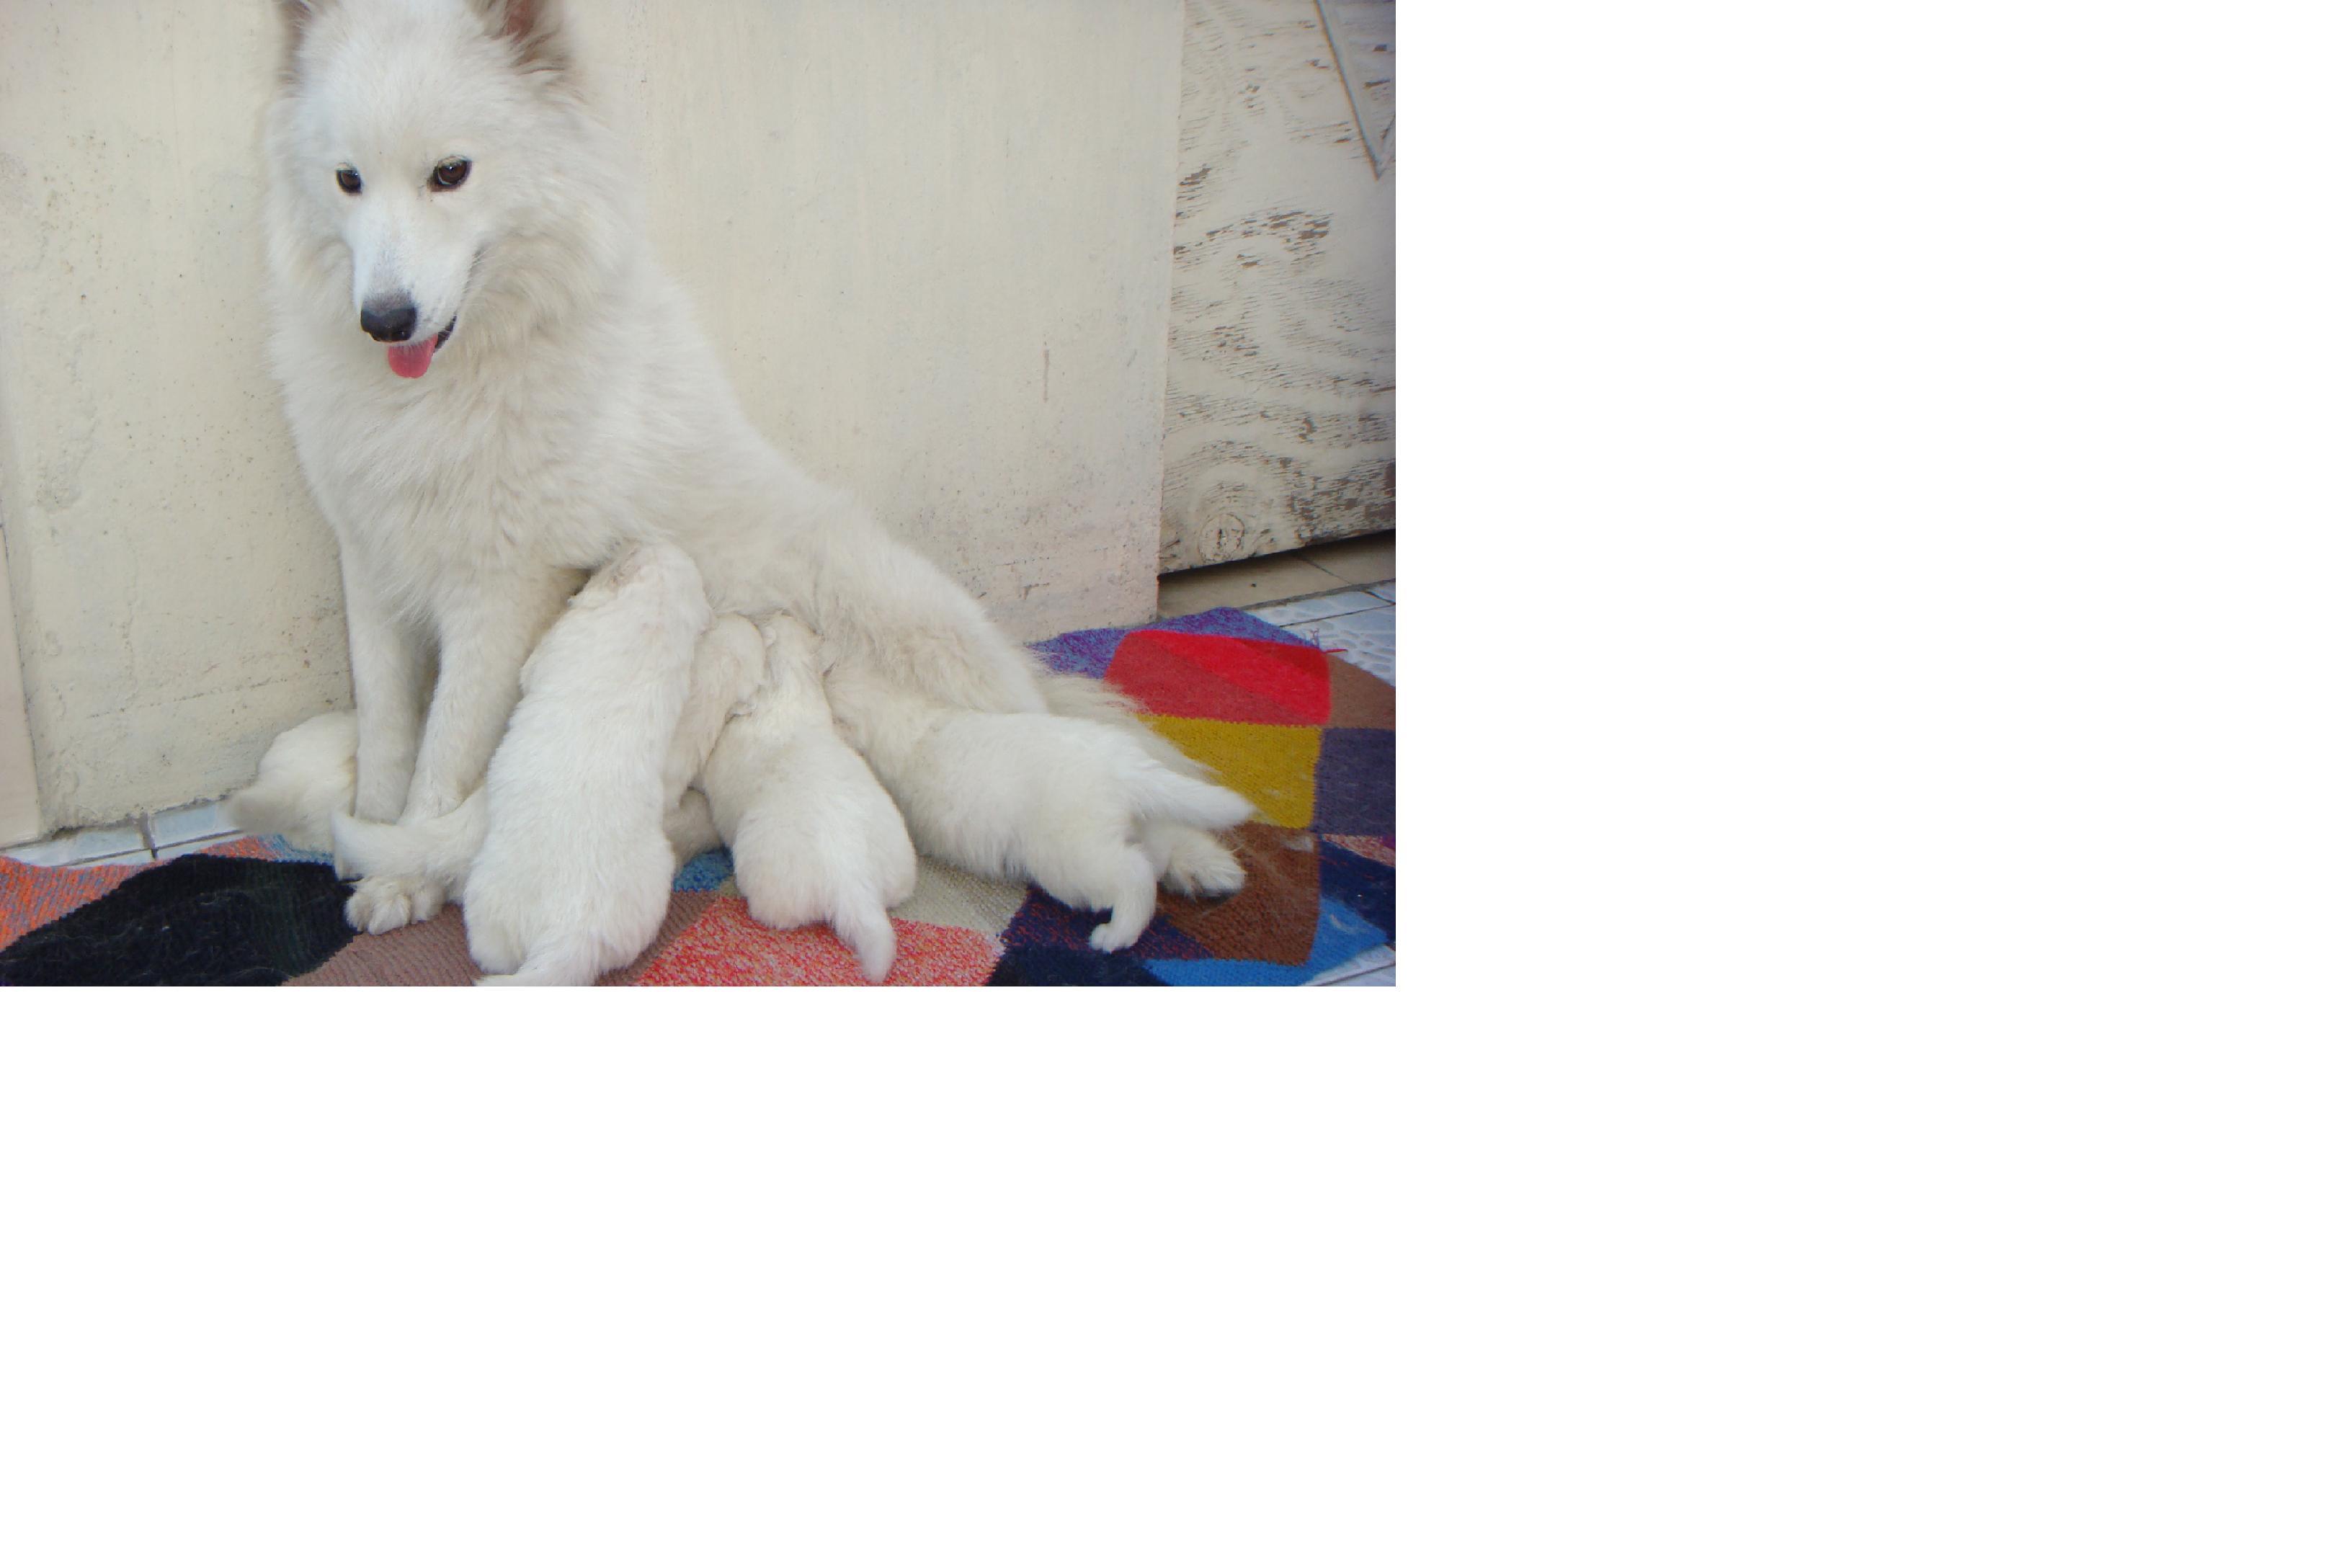 狗! 狗! 狗! 狗! 一群可爱的萨摩耶幼犬(有图)